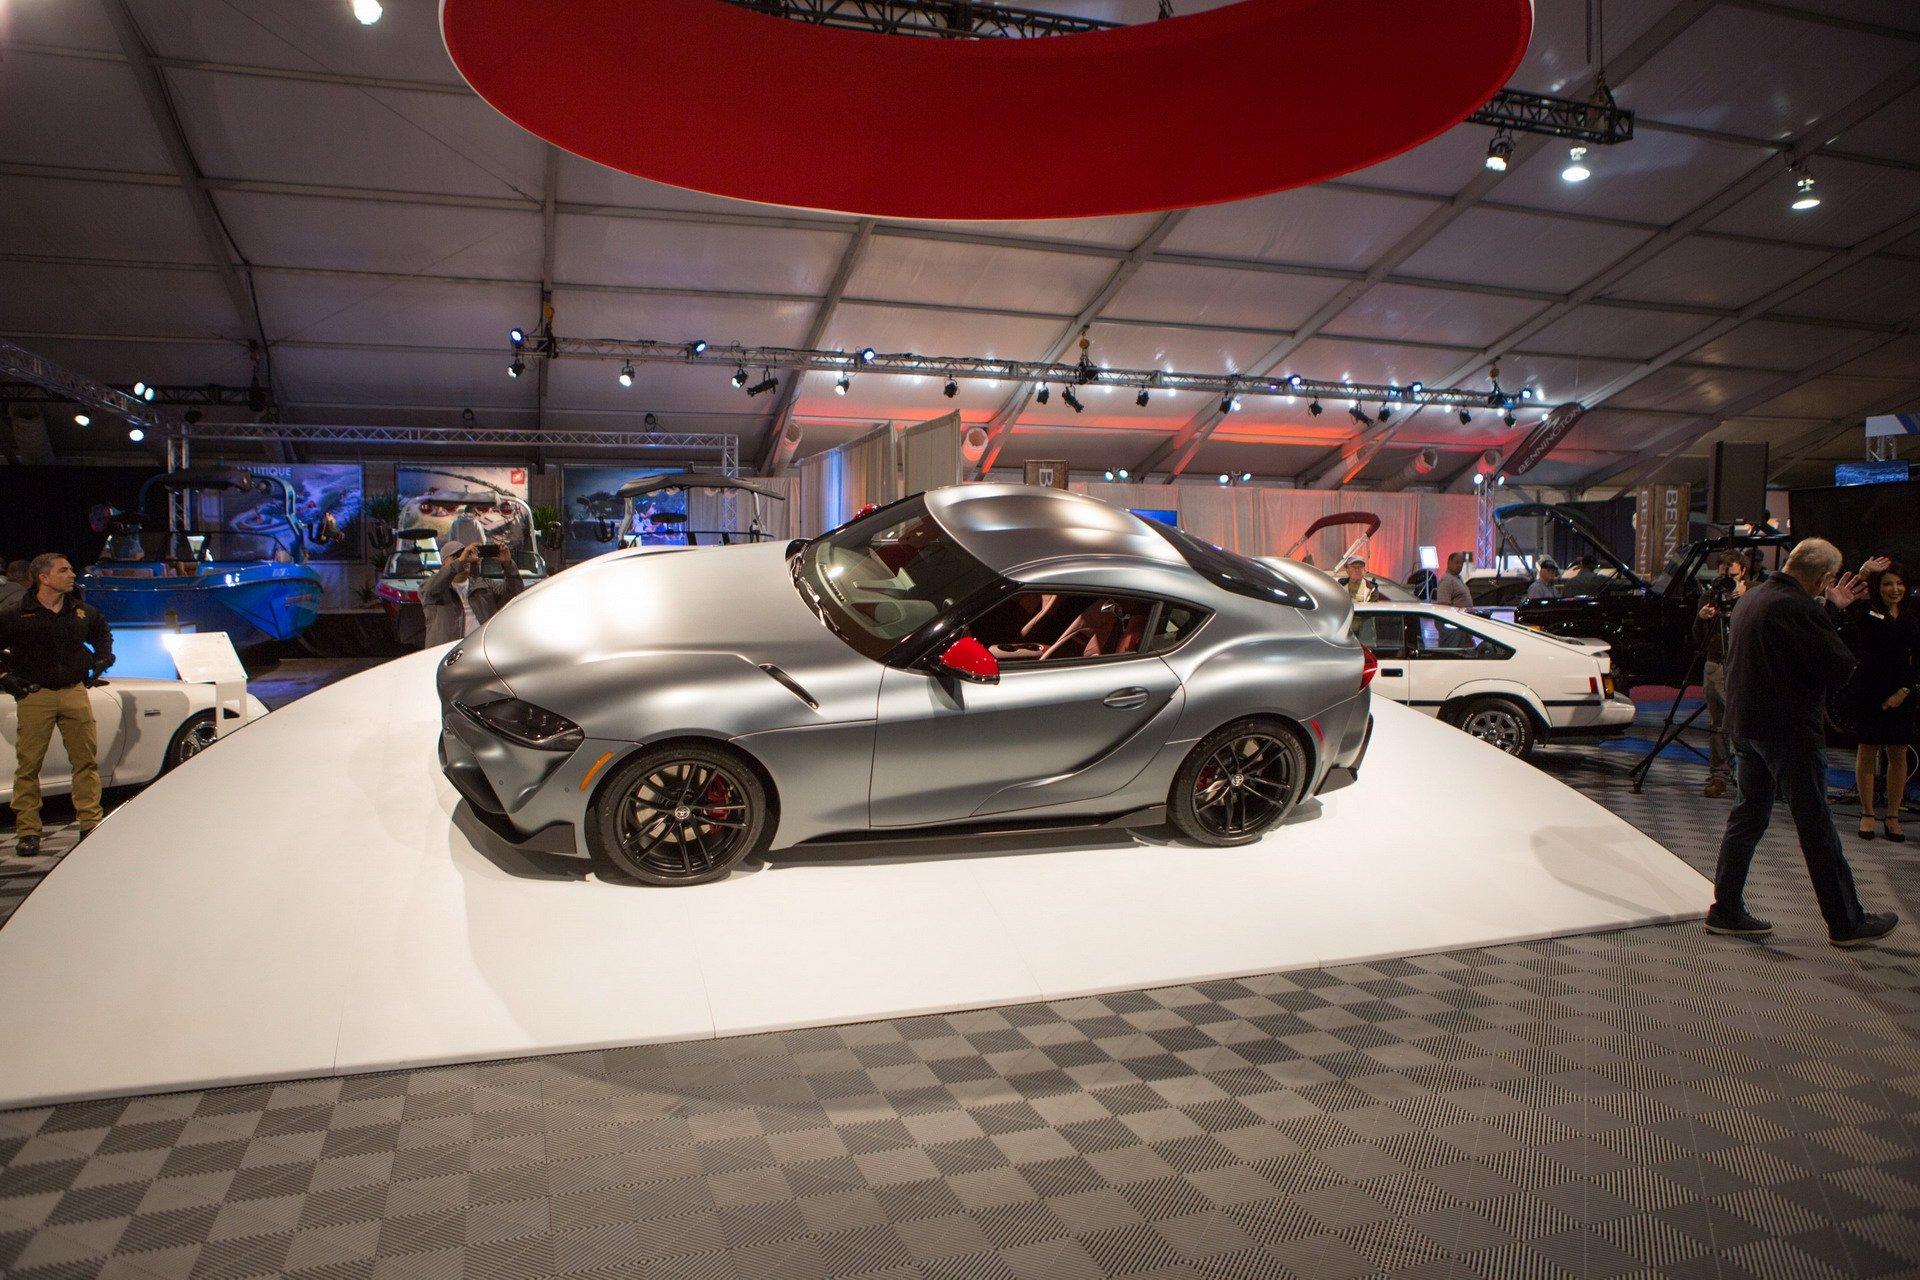 Первая Toyota Supra 2020 продана за 2 миллиона долларов